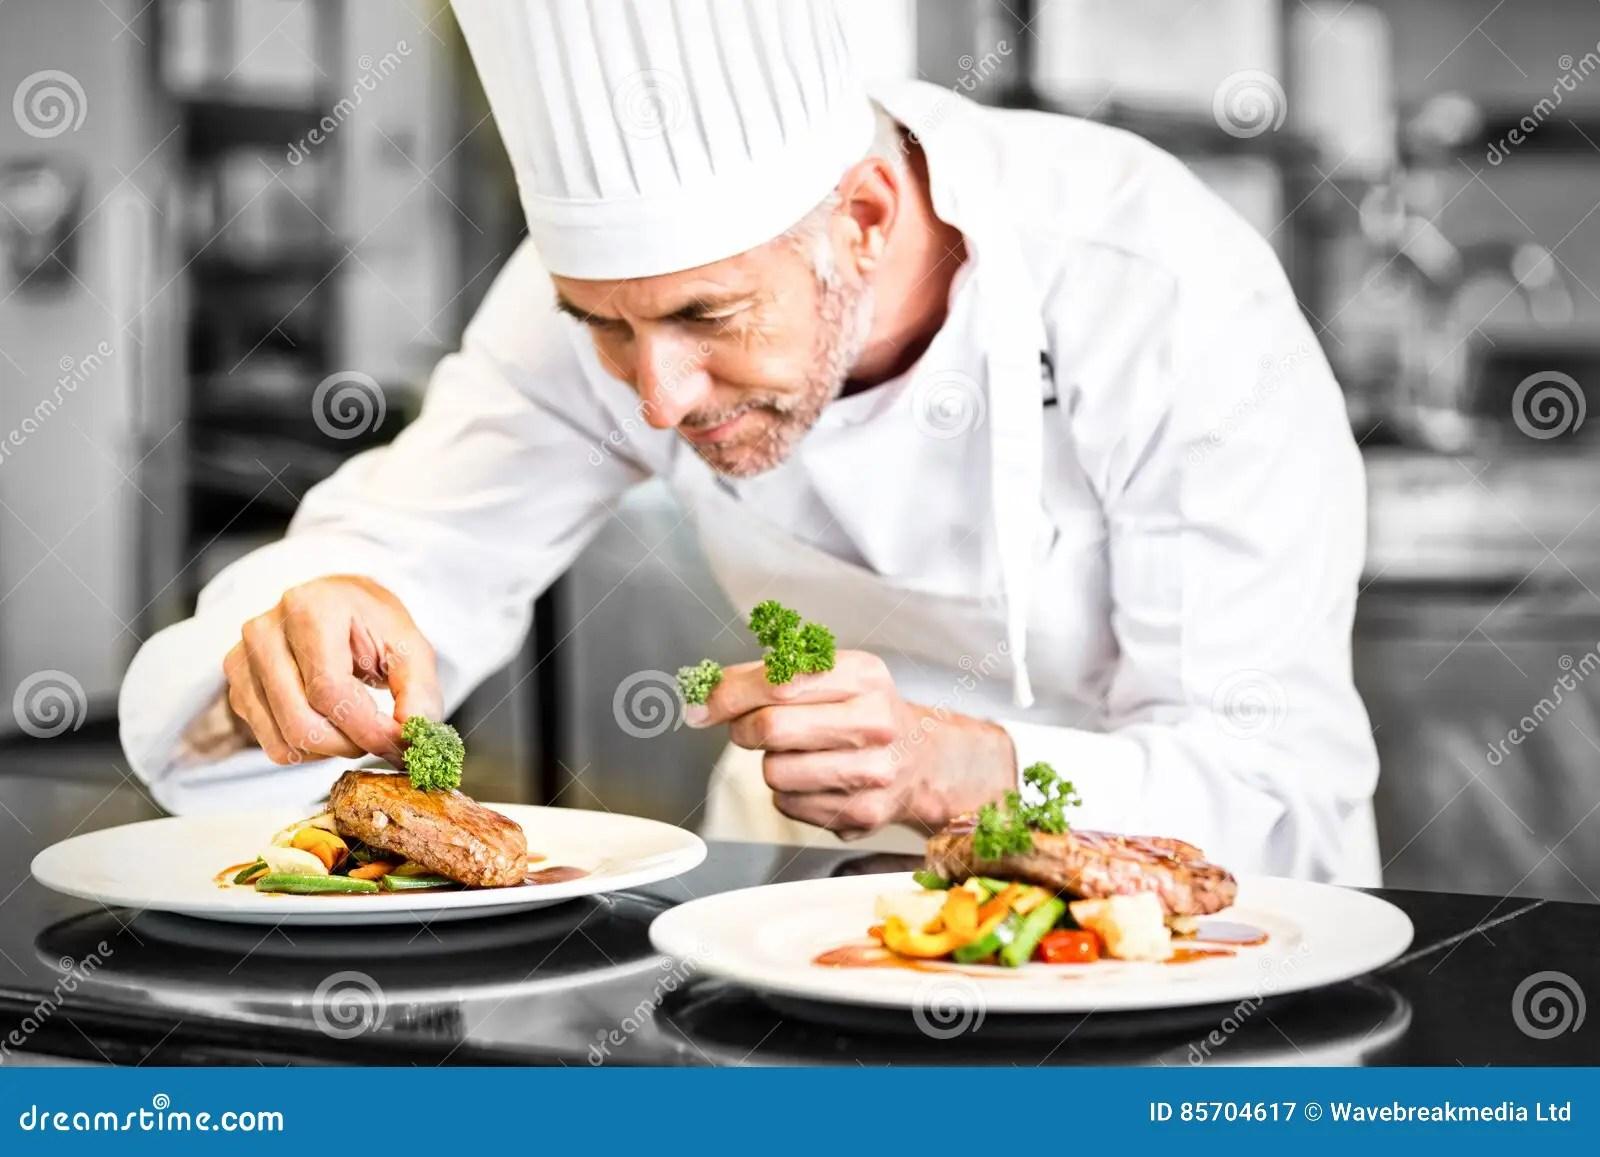 kitchen chef decor modern island 装饰食物的被集中的男性厨师在厨房里库存图片 图片包括有集中的 藏品 装饰食物的被集中的男性厨师在厨房里